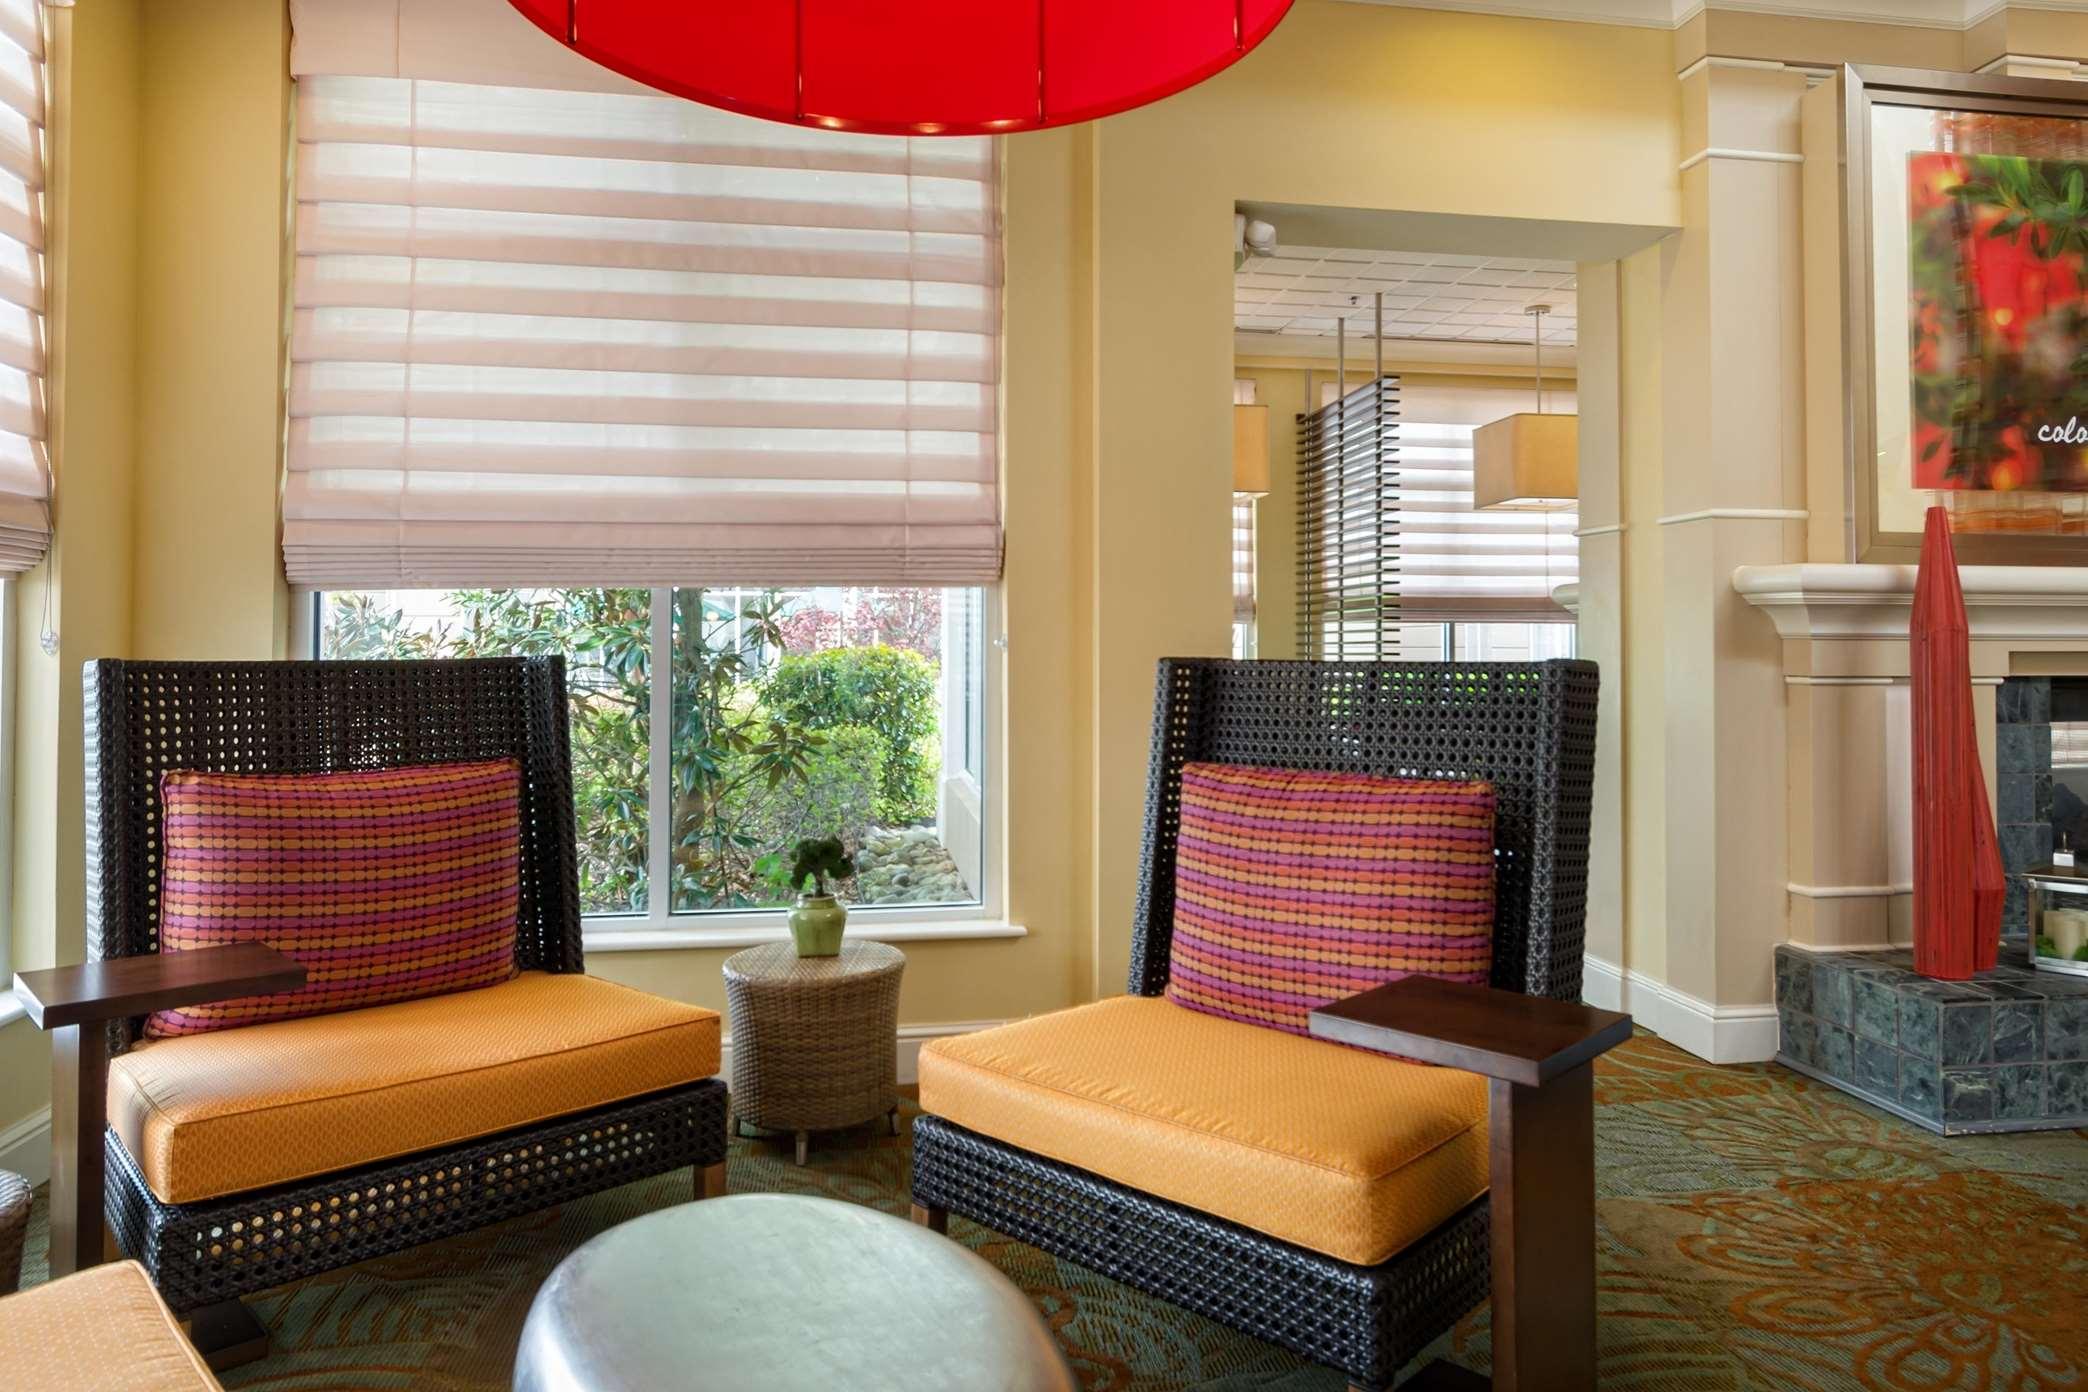 Hilton Garden Inn Newport News image 7